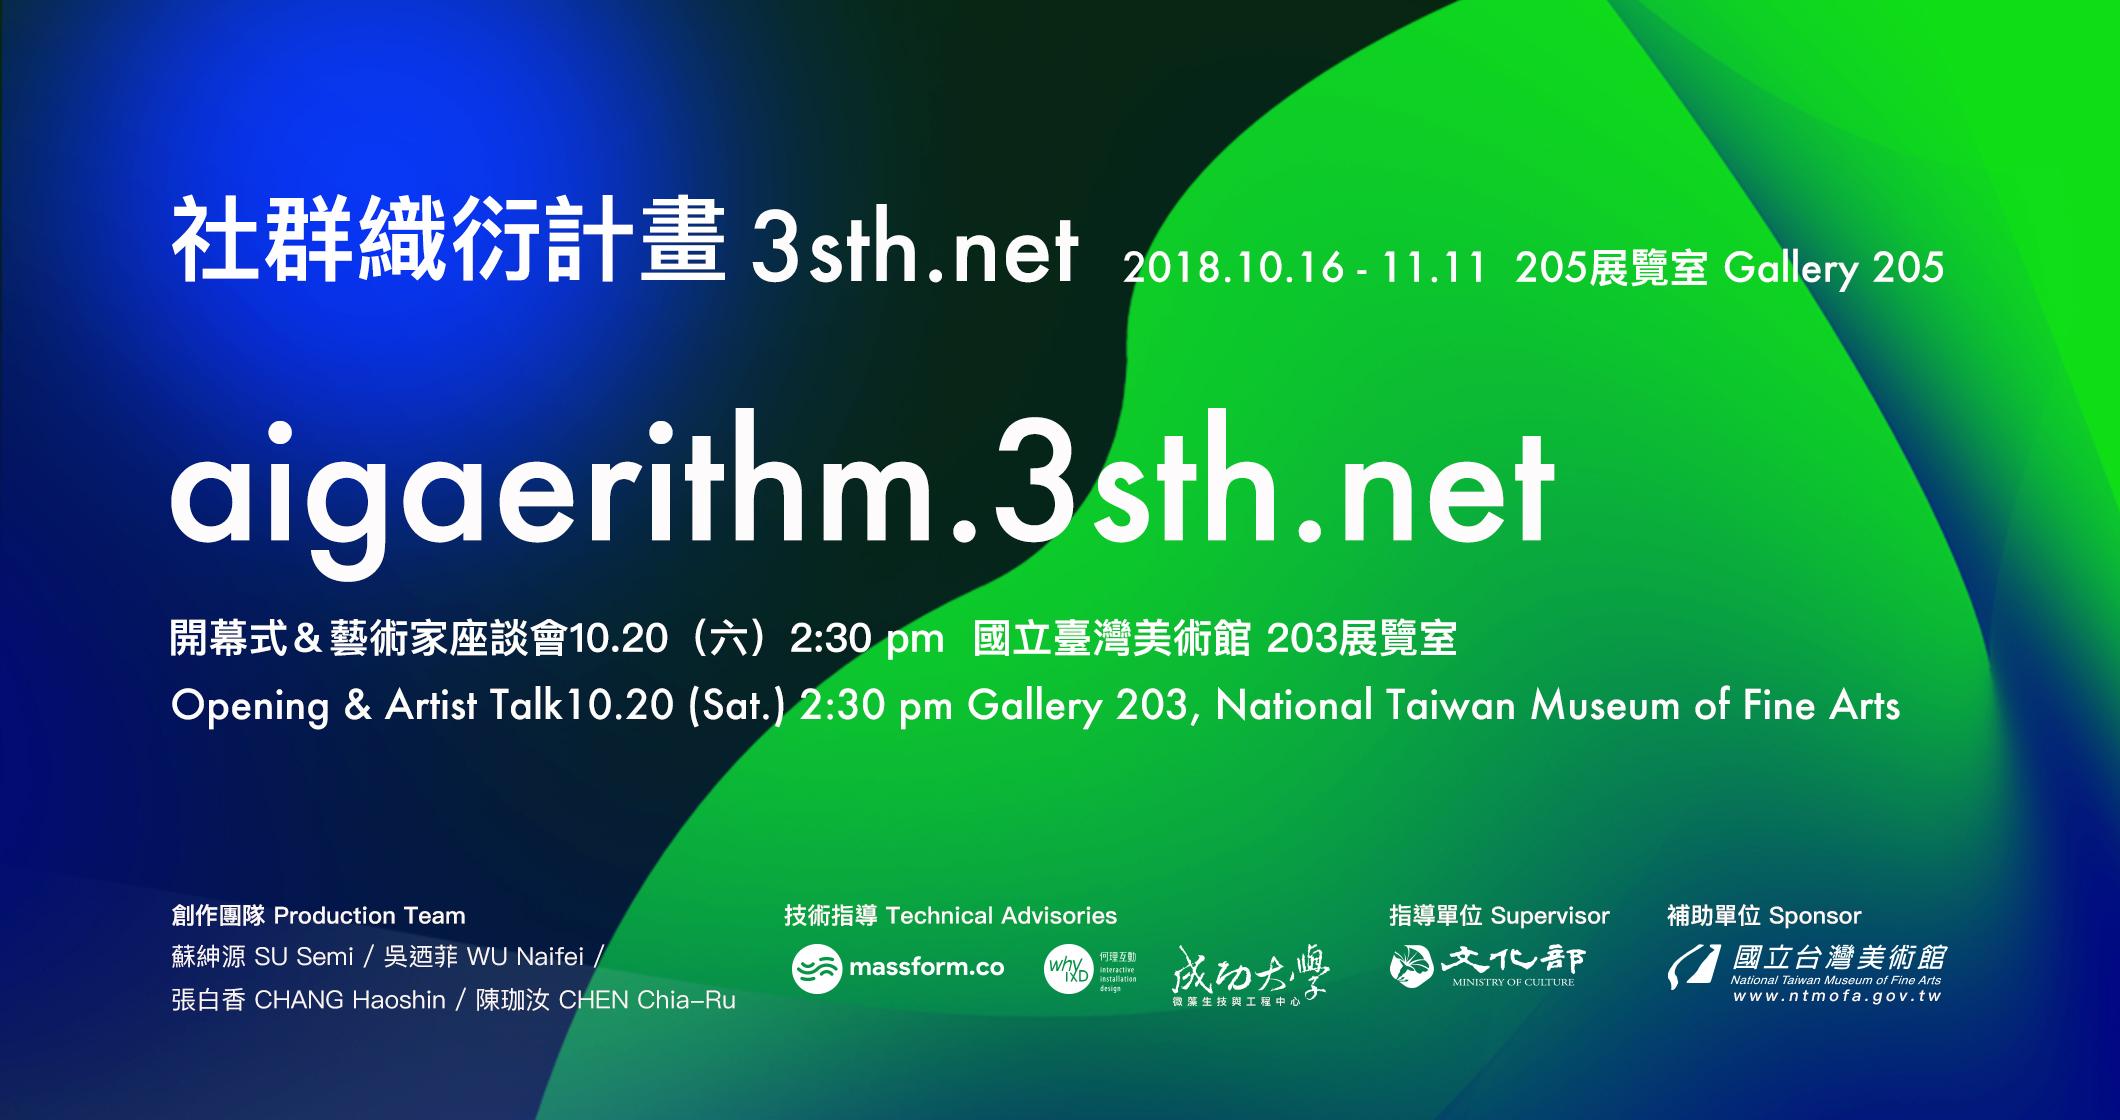 2018年科技融藝跨界創作補助計畫〈社群織衍計畫3sth.net〉成果發表 [另開新視窗]